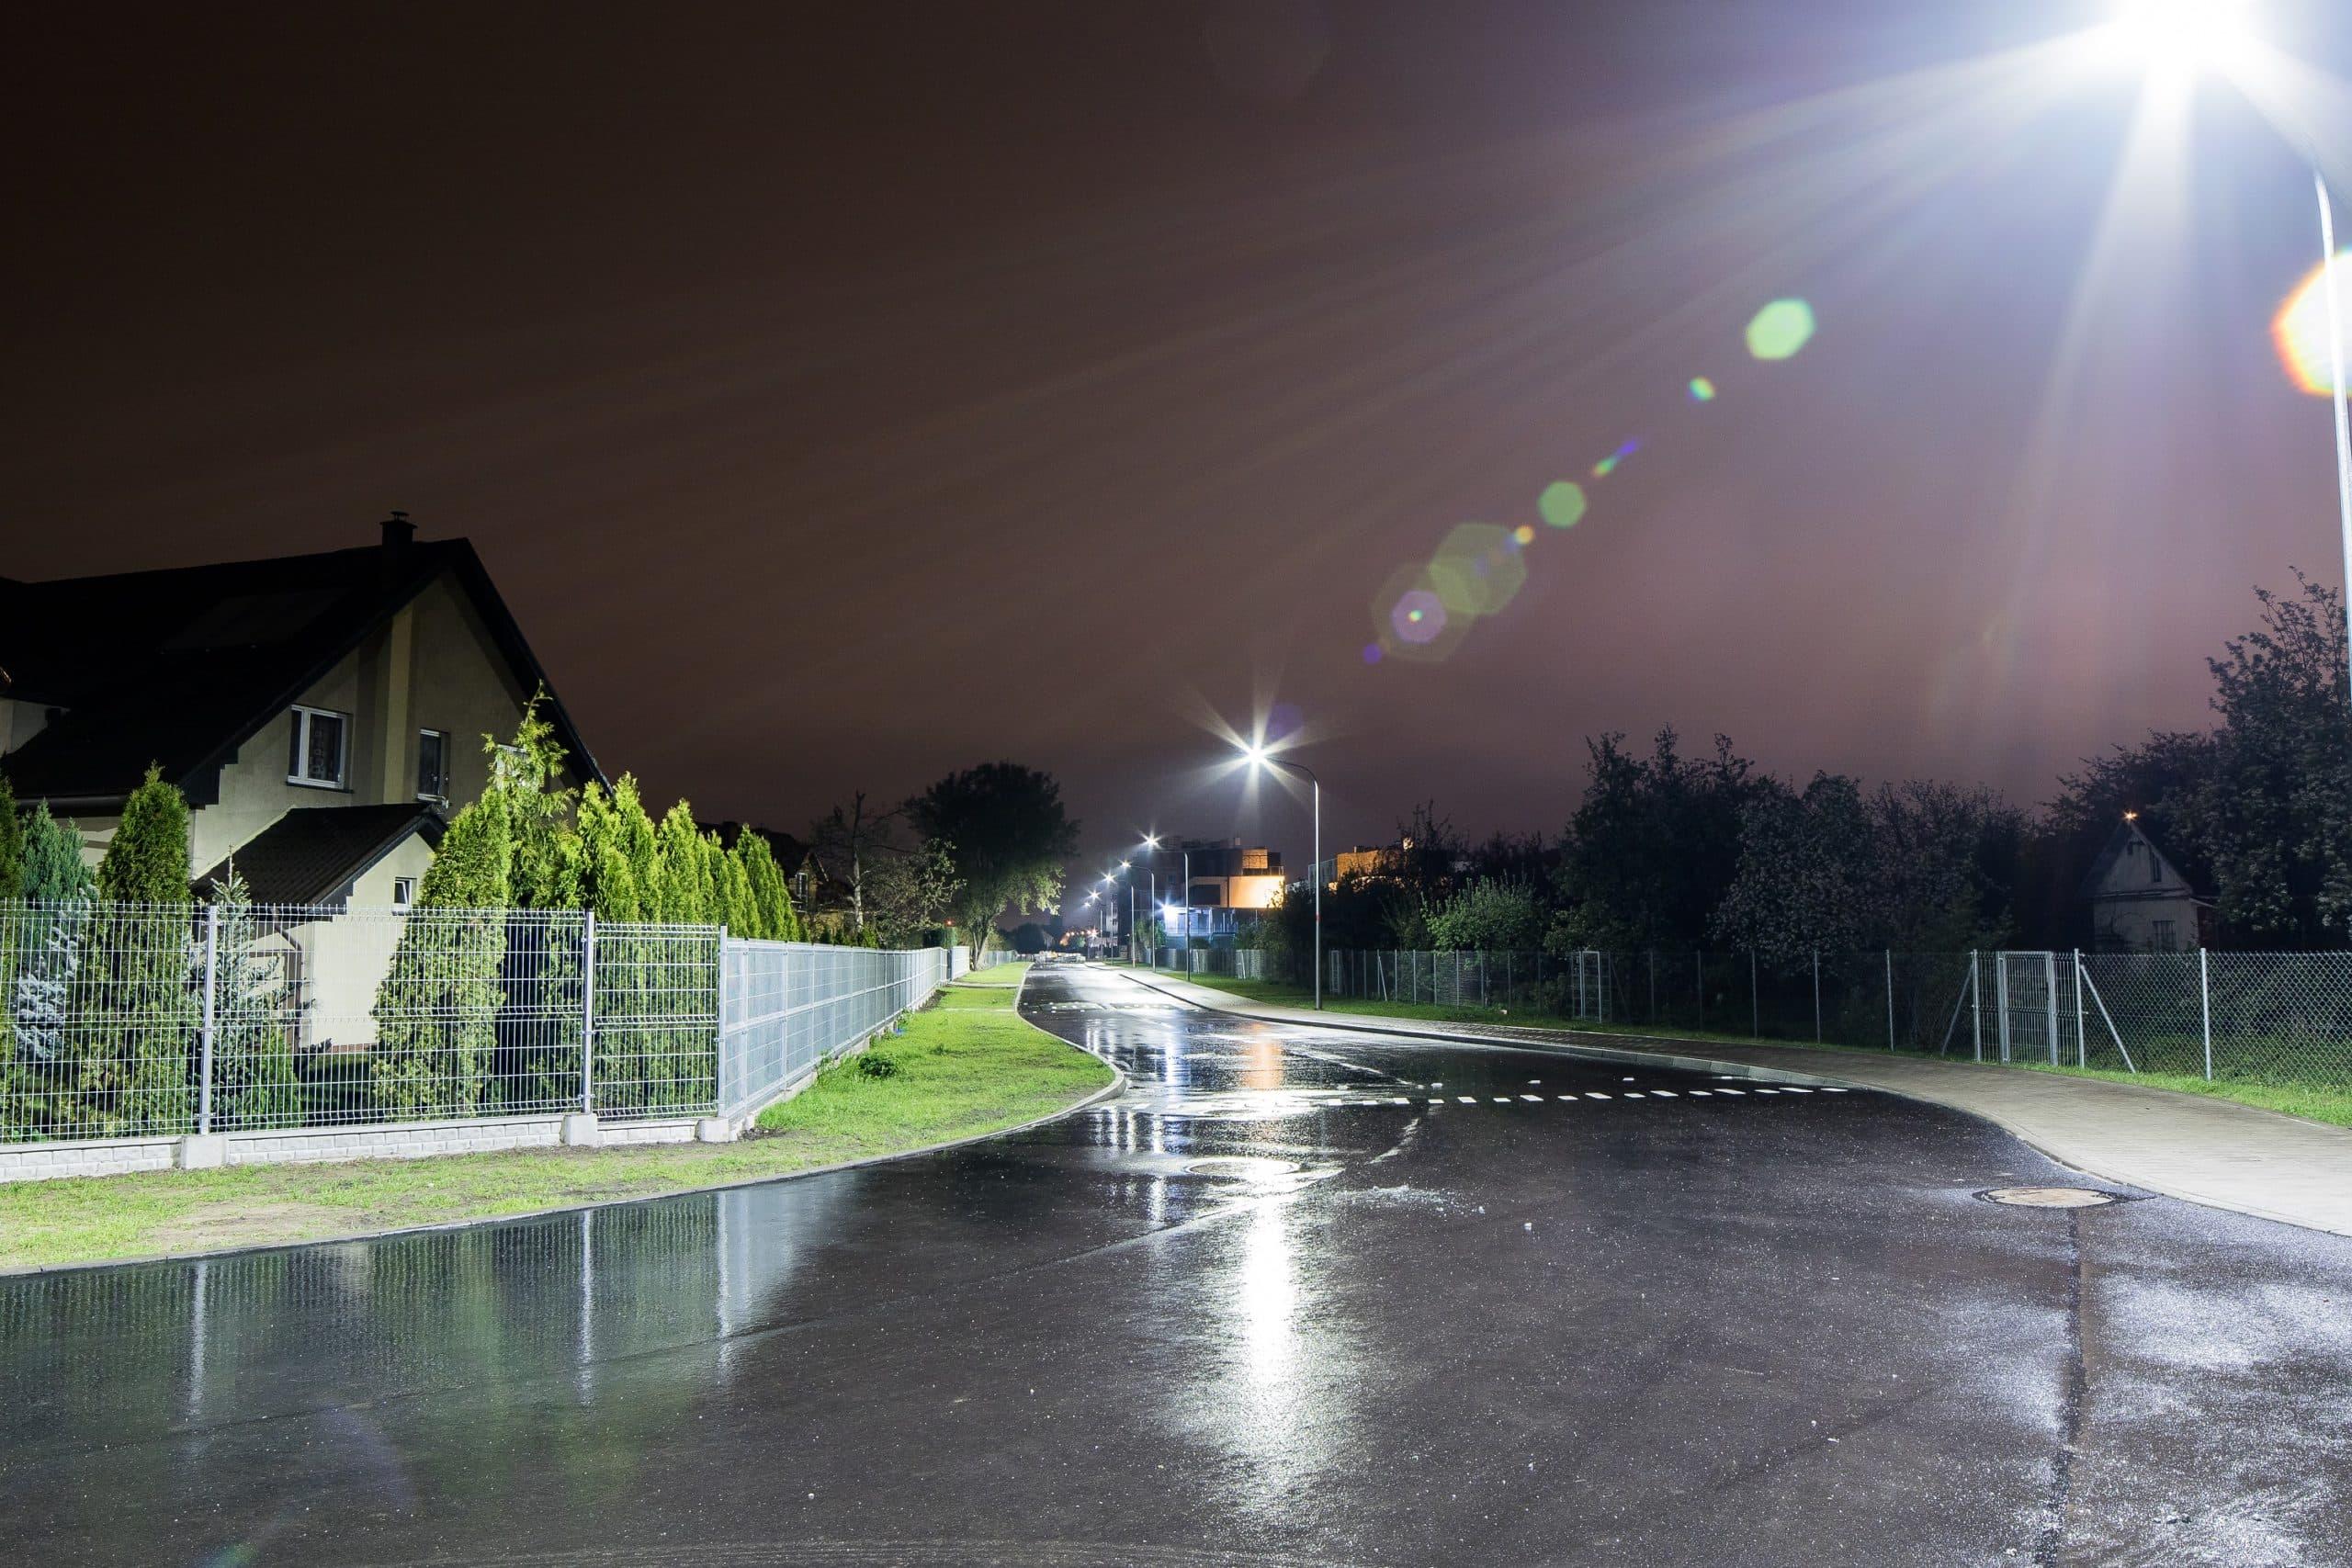 Oprawy uliczne Cordoba na drodze we Wrocławiu - oświetlenie uliczne Luxon LED